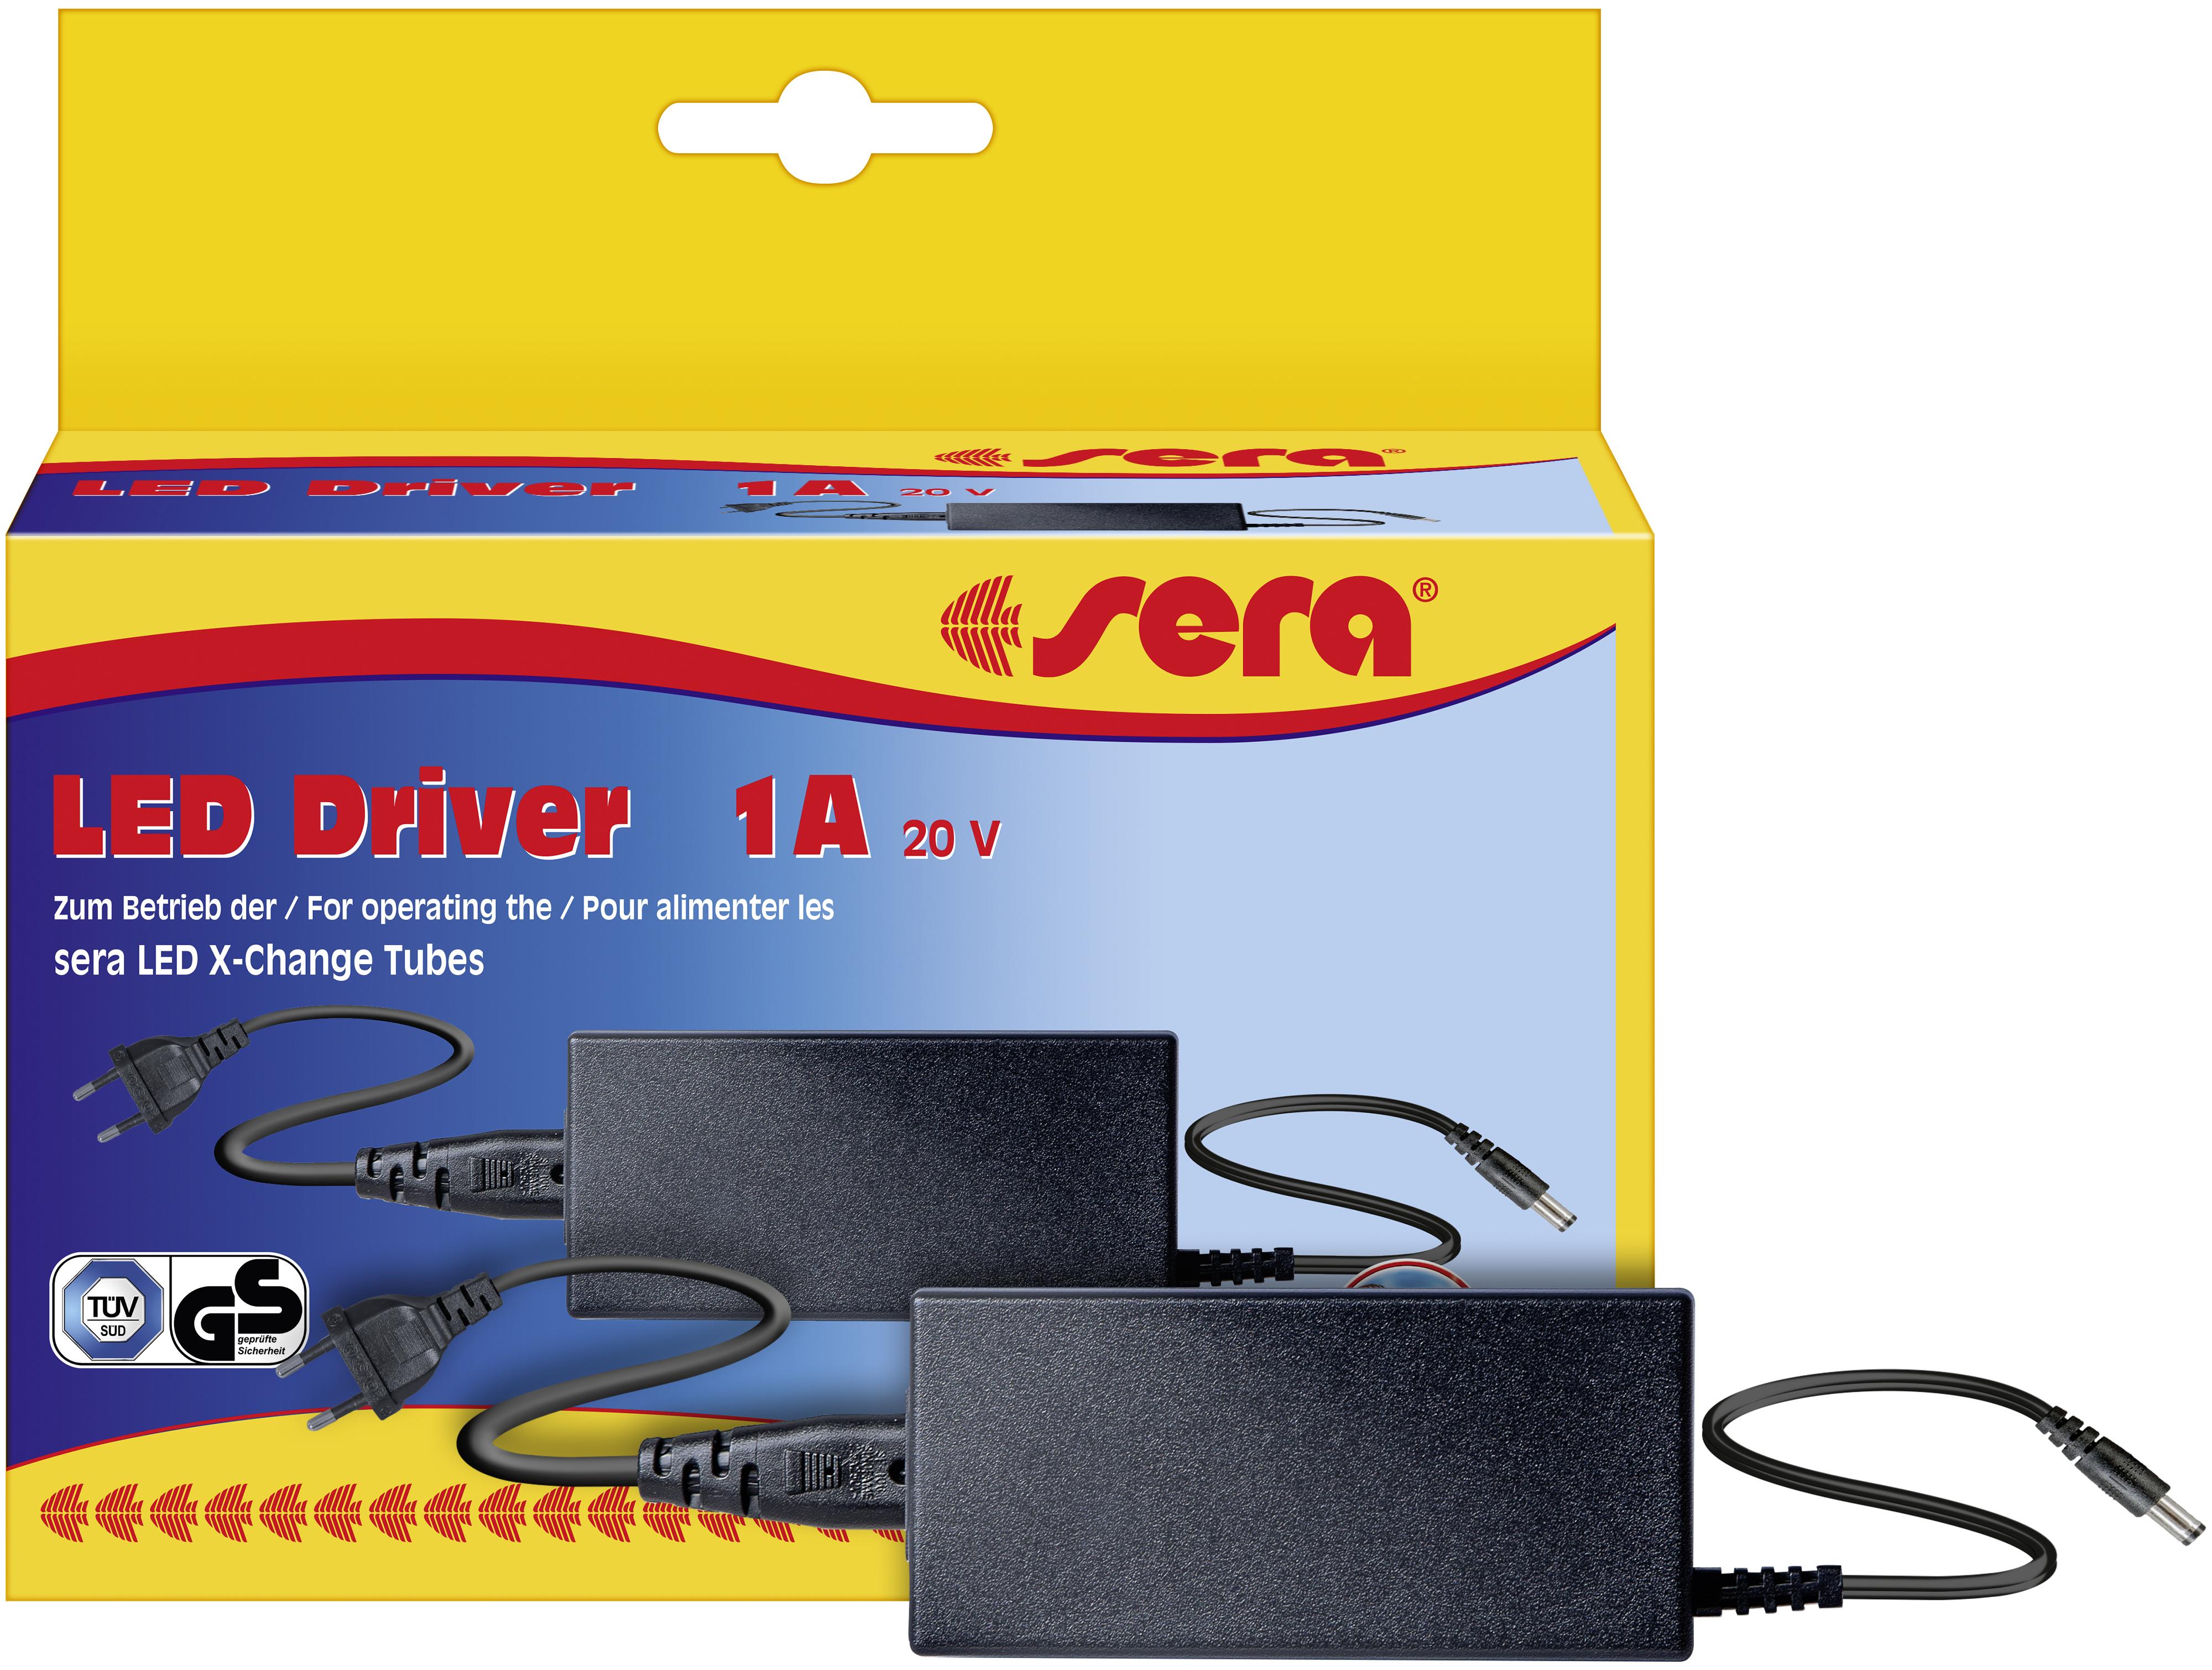 Трансформатор для светодиодных ламп для аквариумов Sera